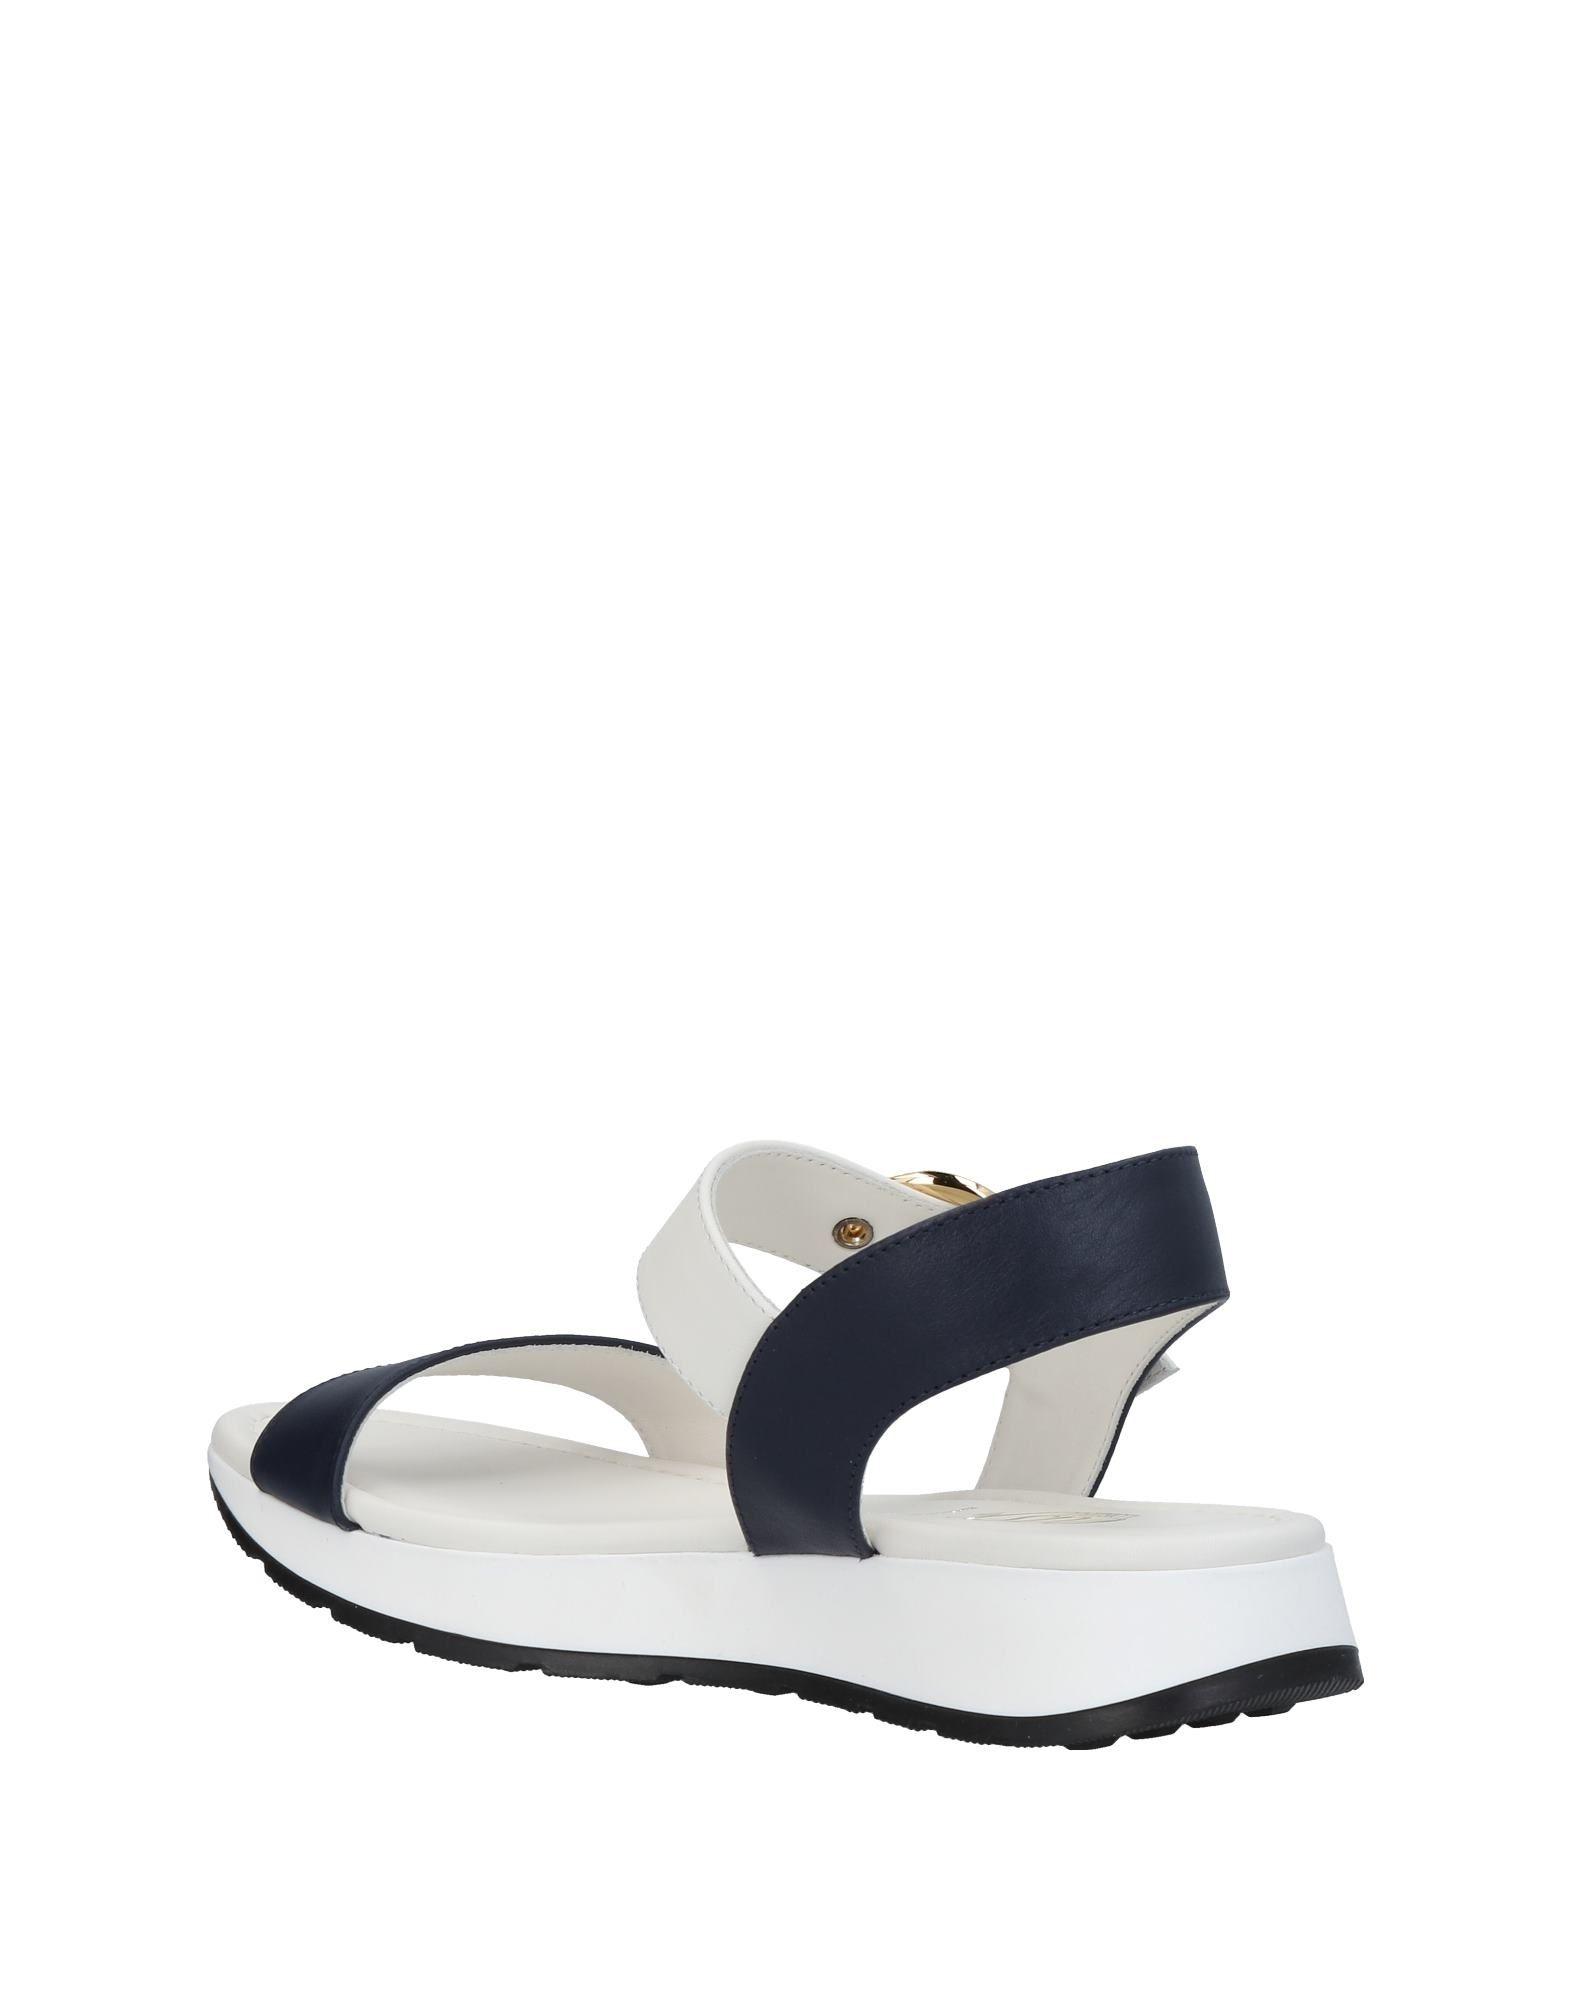 Loriblu Sandalen Damen  11423353MD Gute beliebte Qualität beliebte Gute Schuhe 16a6e6